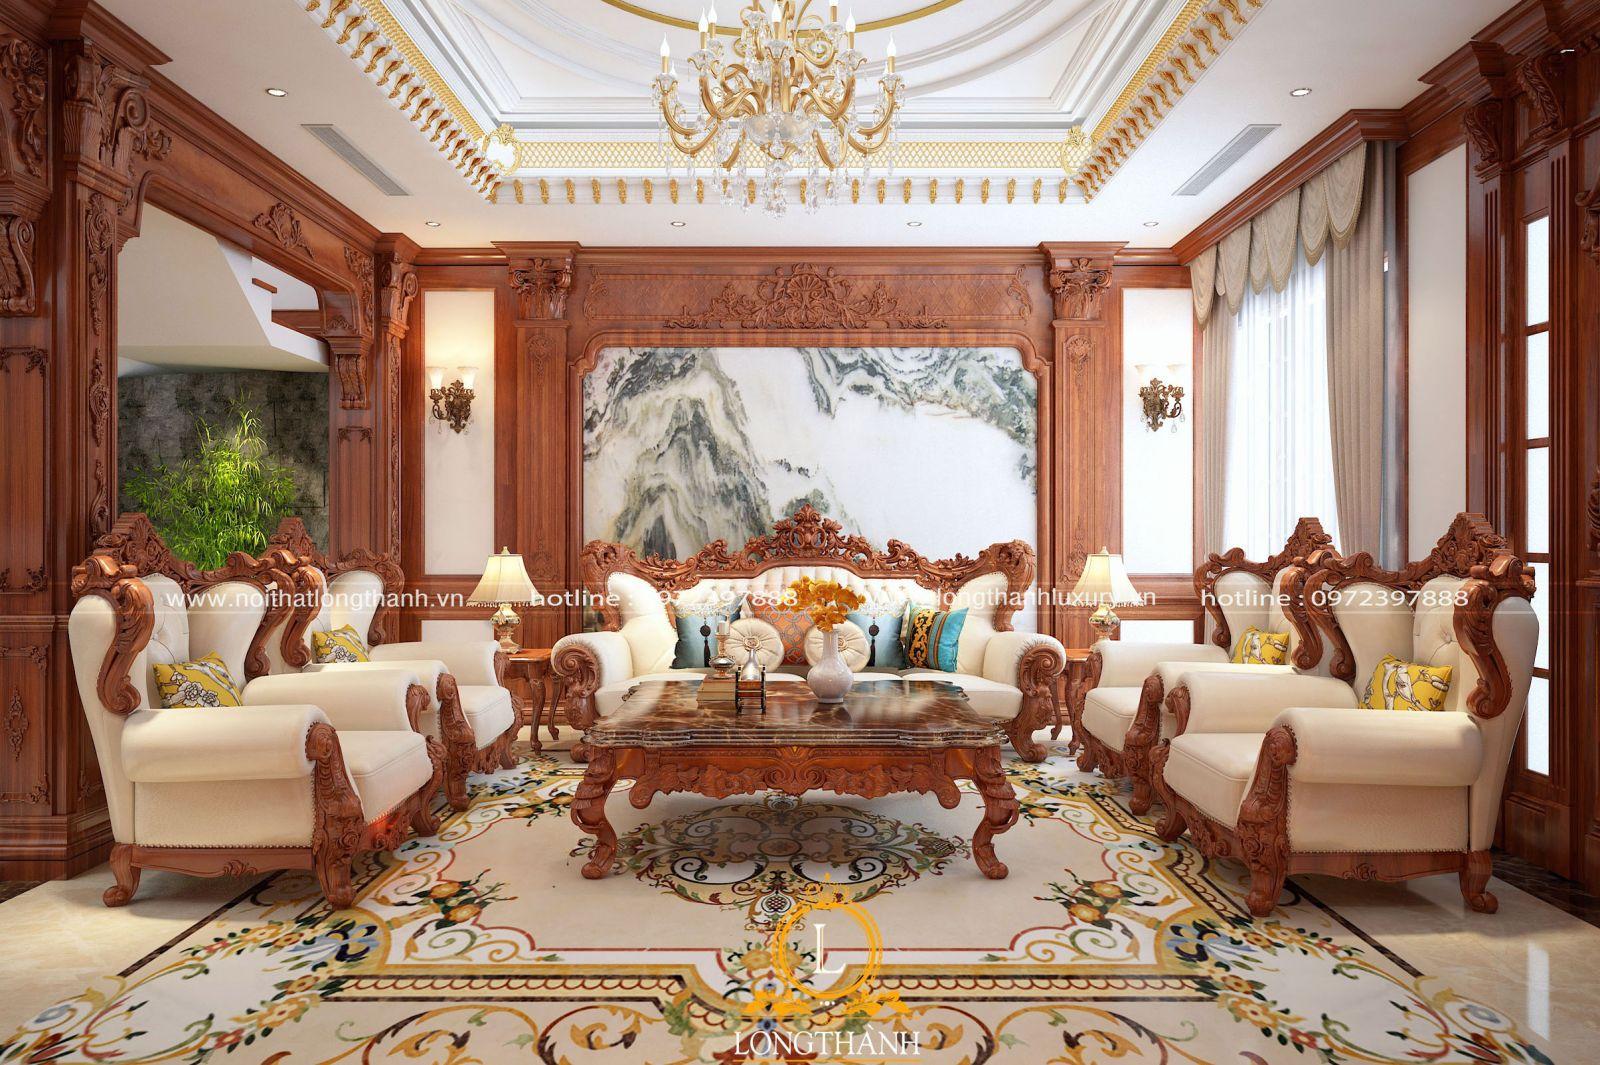 [10] mẫu sofa gỗ gõ đỏ đẹp nhất cho không gian phòng khách